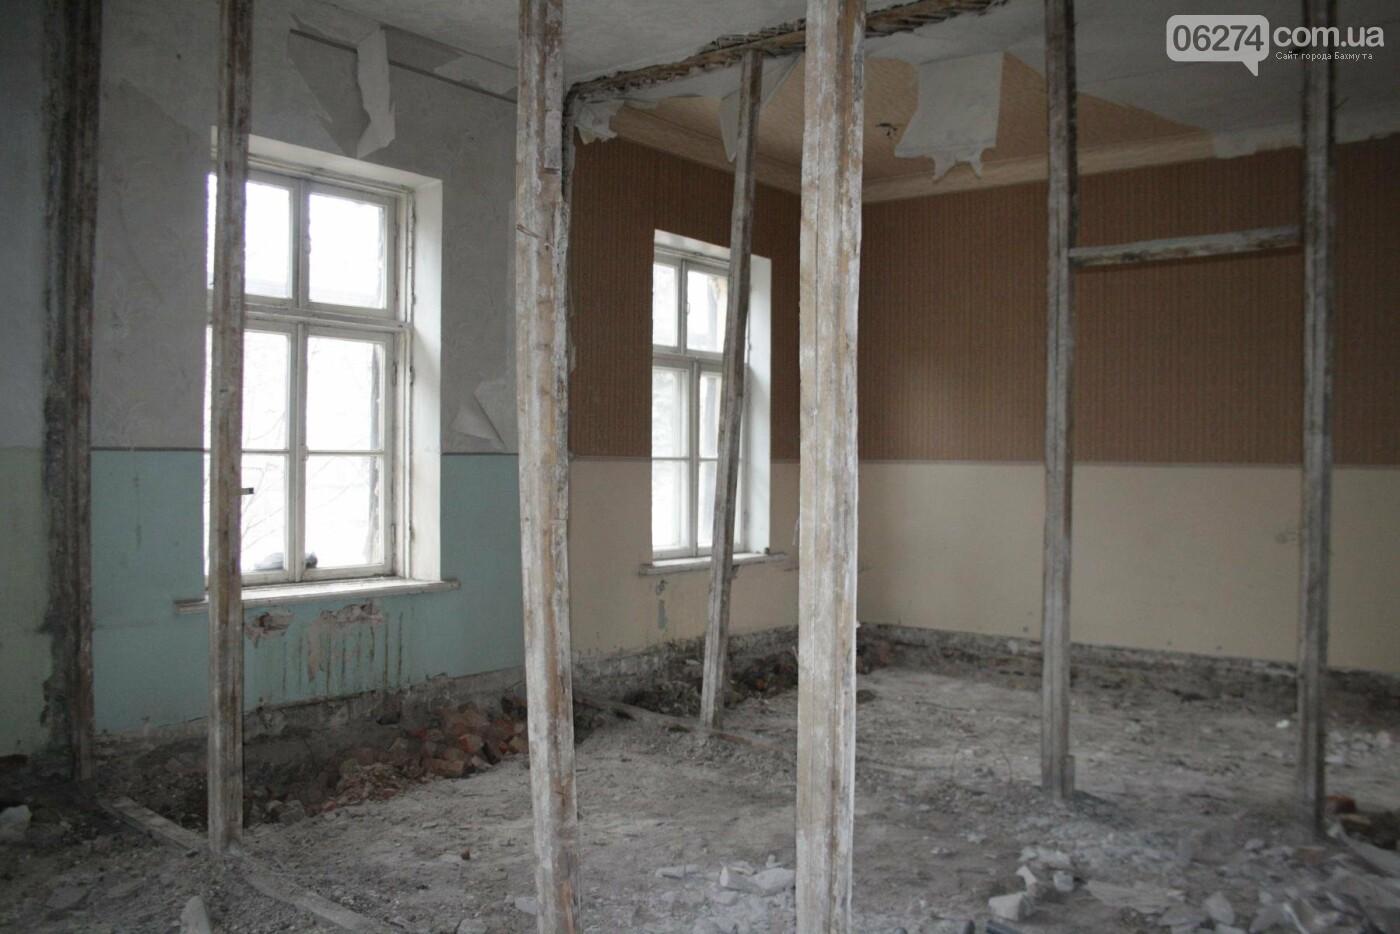 Городской голова Бахмута проинспектировал объекты реконструкции, фото-7